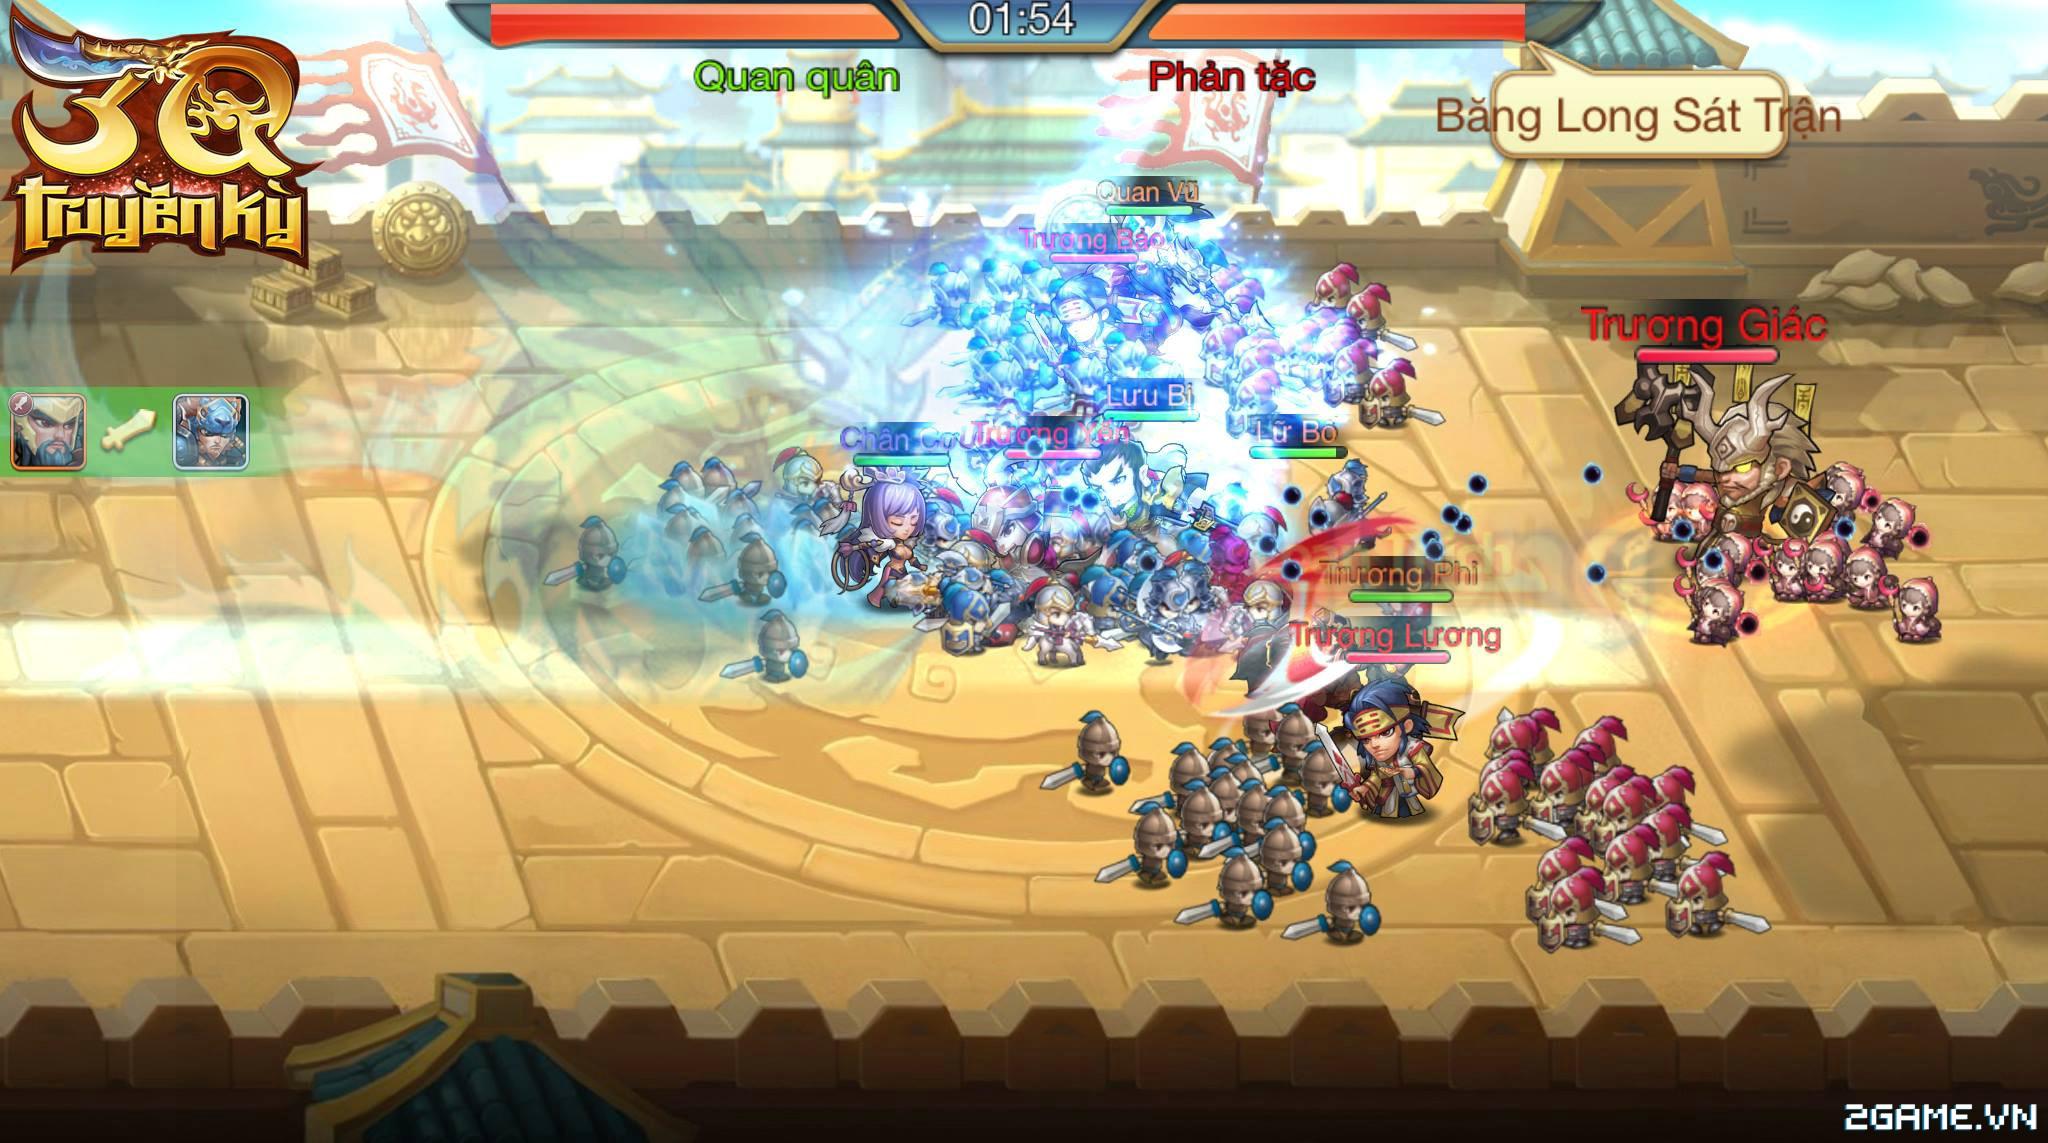 3Q Truyền Kỳ có thế mạnh nằm ở phần danh tướng và mô thức chiến đấu 9